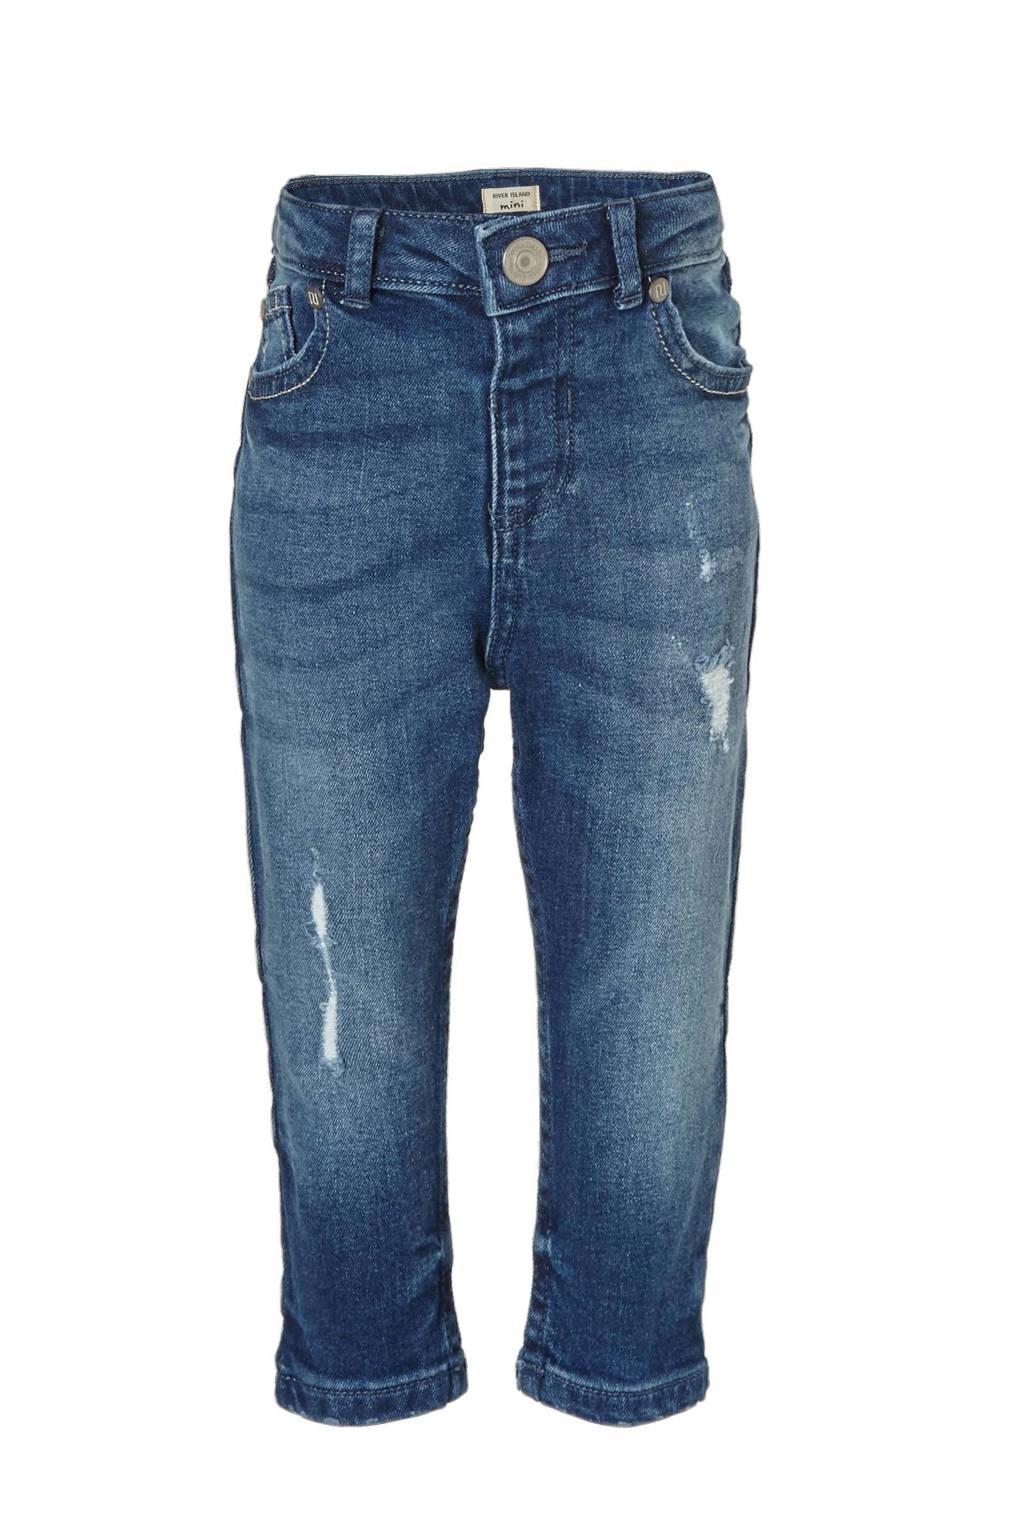 River Island skinny jeans met slijtage details Sid, Blauw